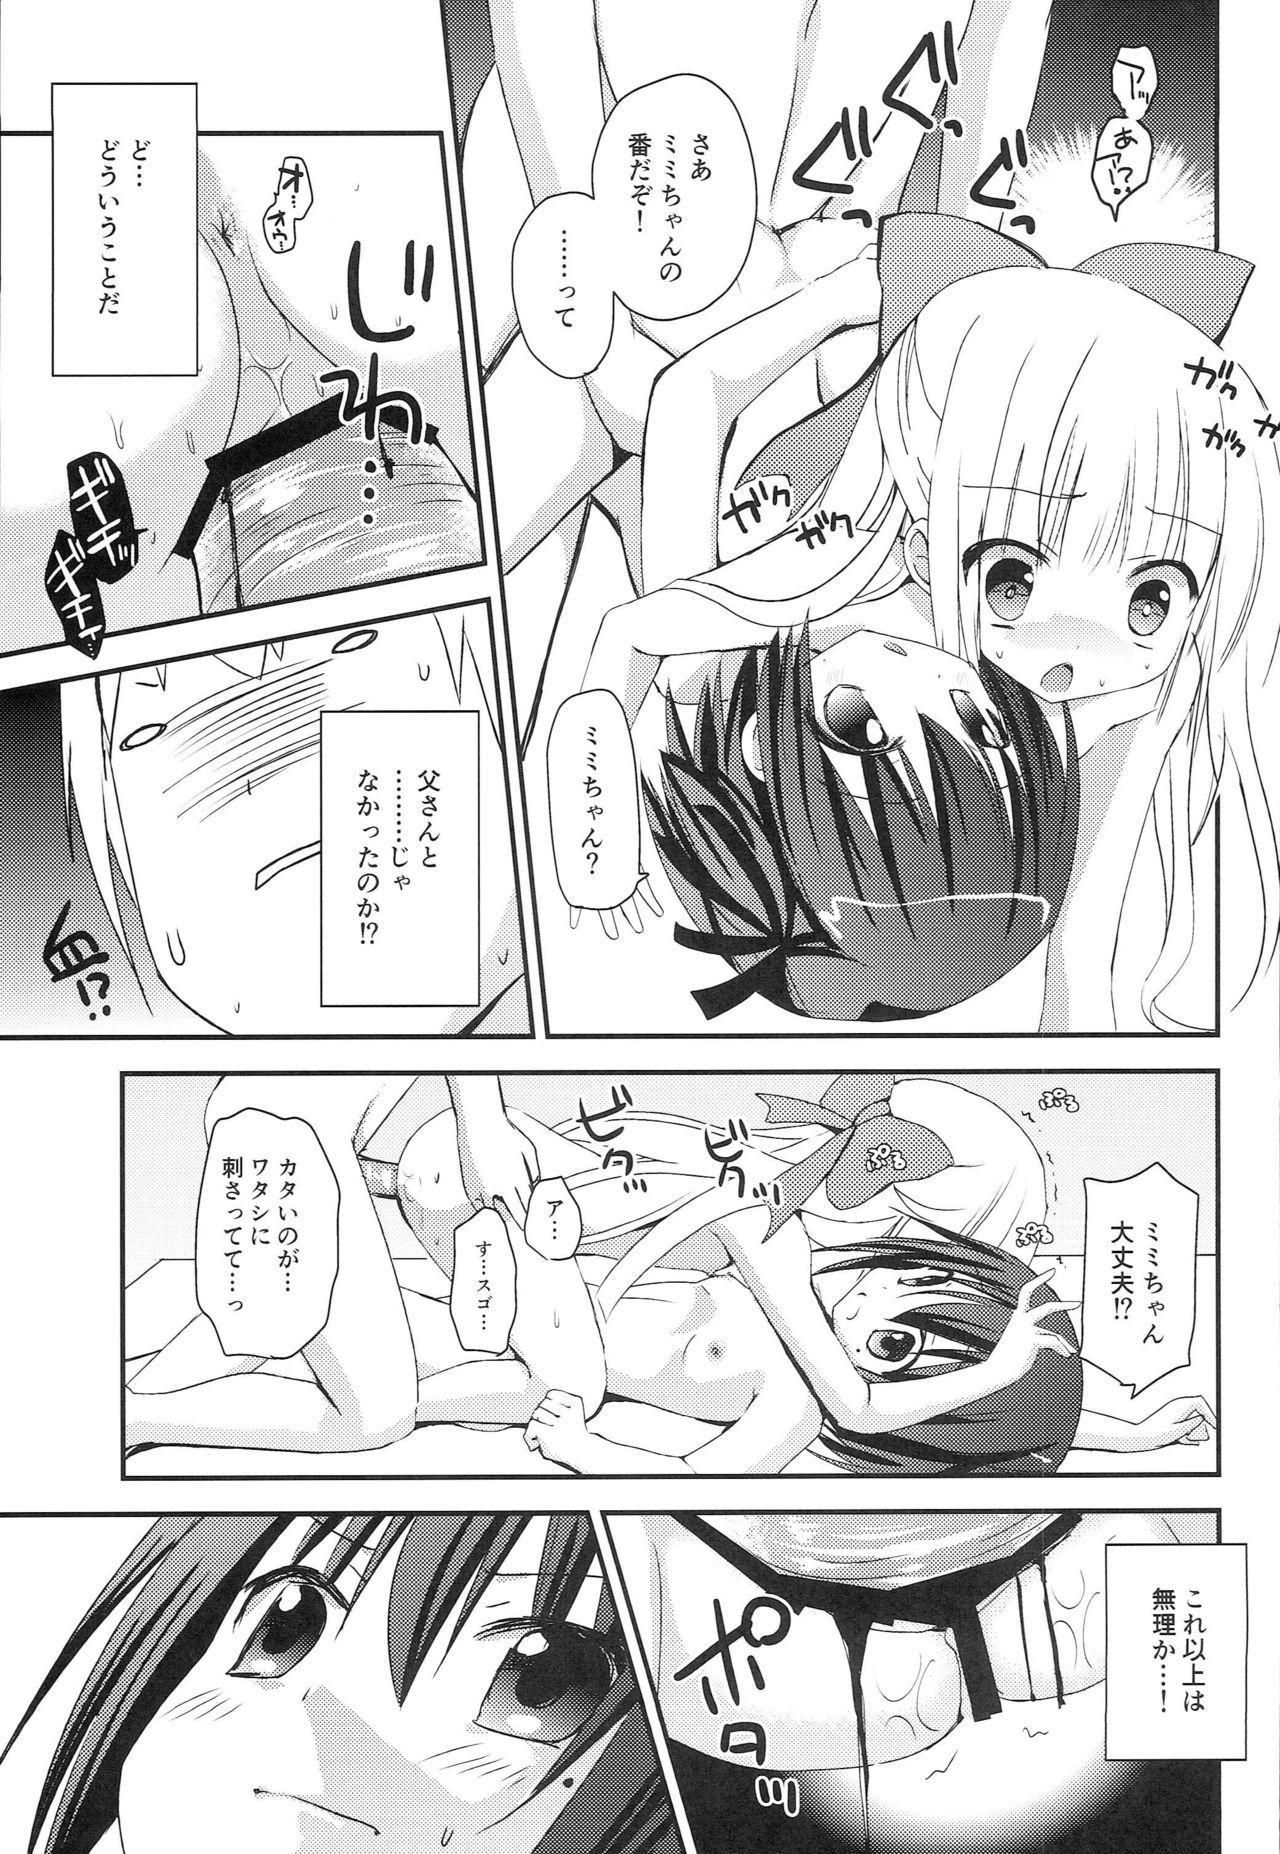 Tomoka to Mimi no Otomari 3P 19